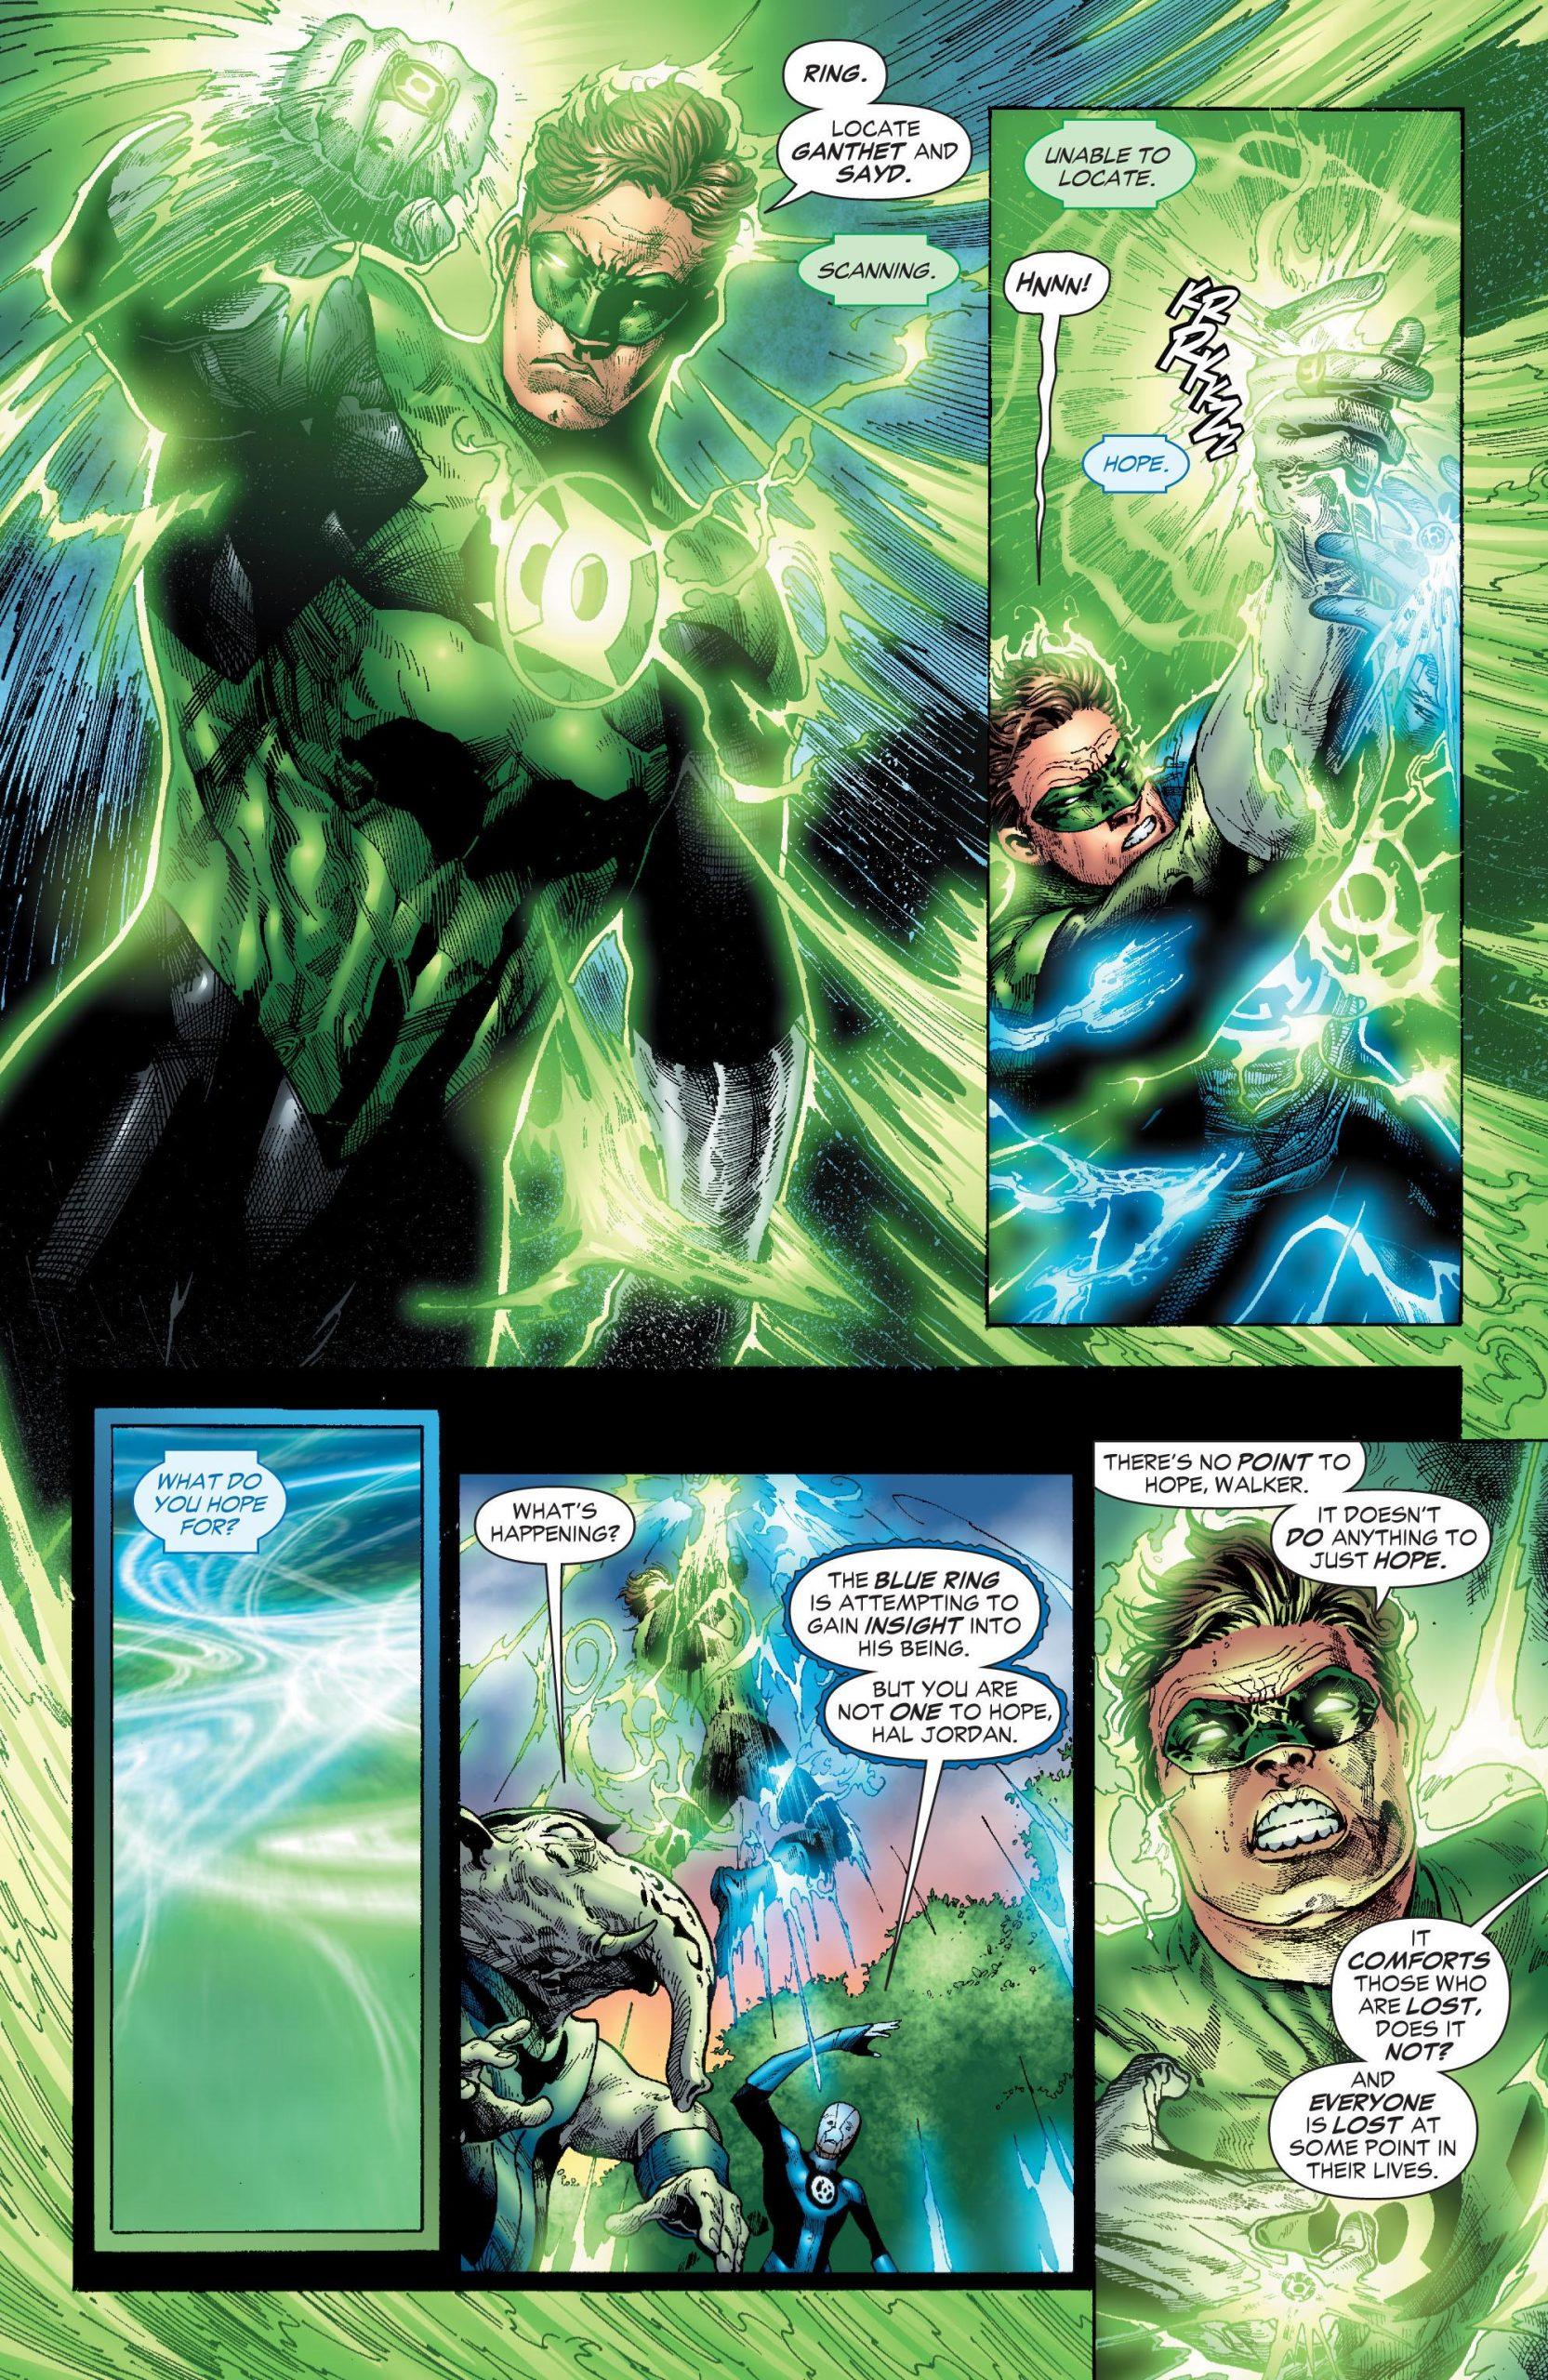 Green Lantern Volume 8 Agent Orange By Geoff Johns